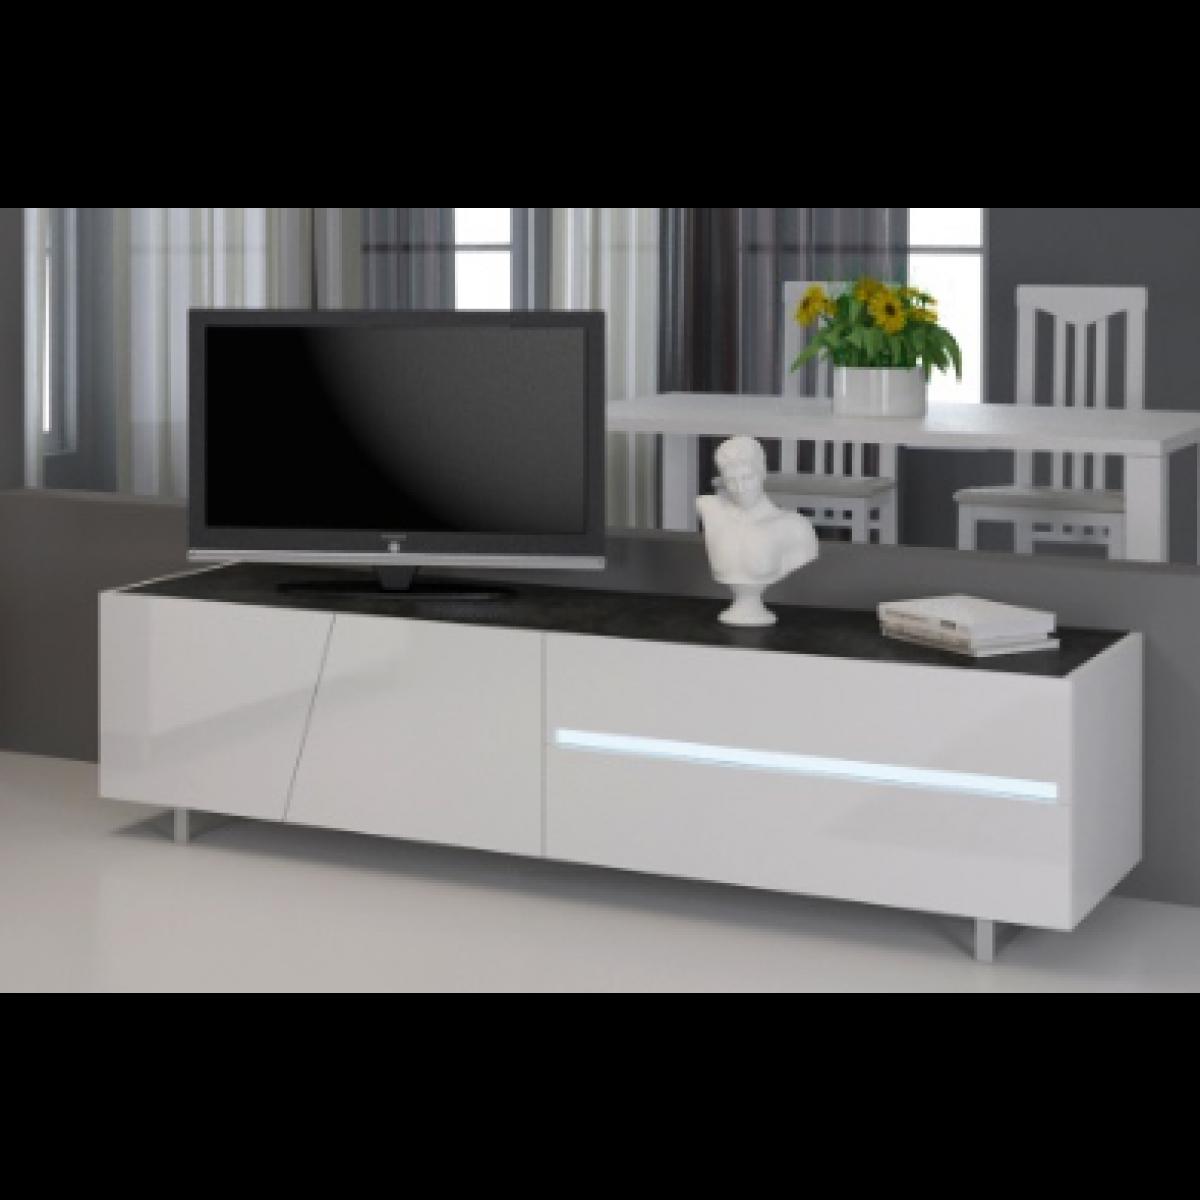 meuble tv laque blanc 160 cm cooper